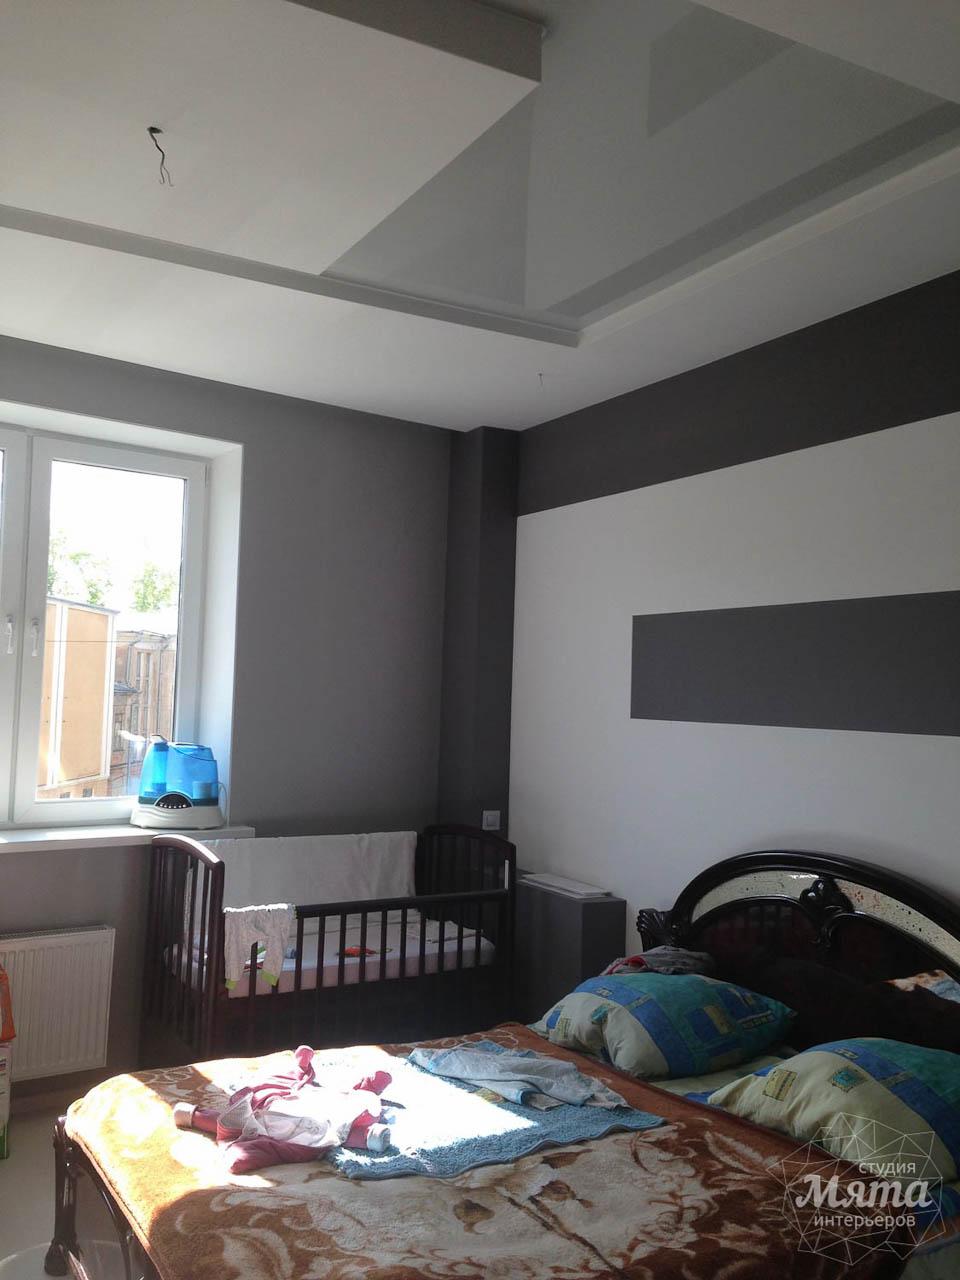 Дизайн интерьера и ремонт трехкомнатной квартиры по ул. Попова 33а 1